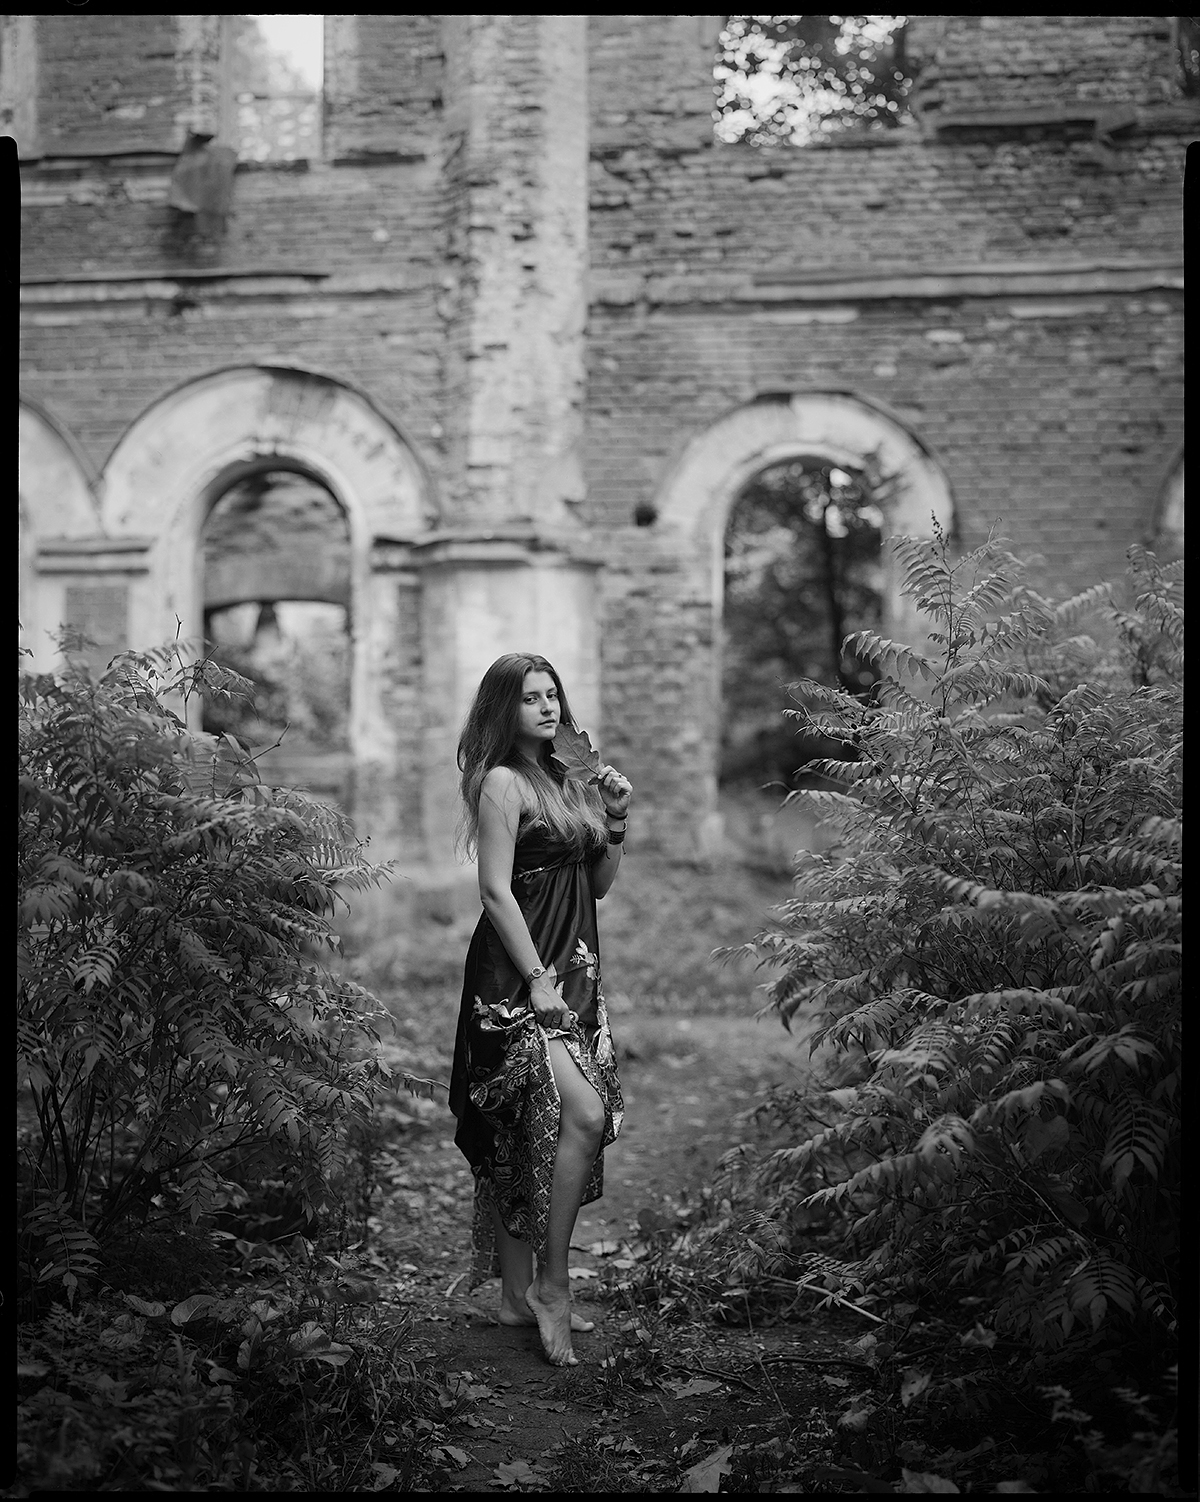 Усадьба Врангеля, фото на большой формат, пленка, фотограф Денис Шмигирилов